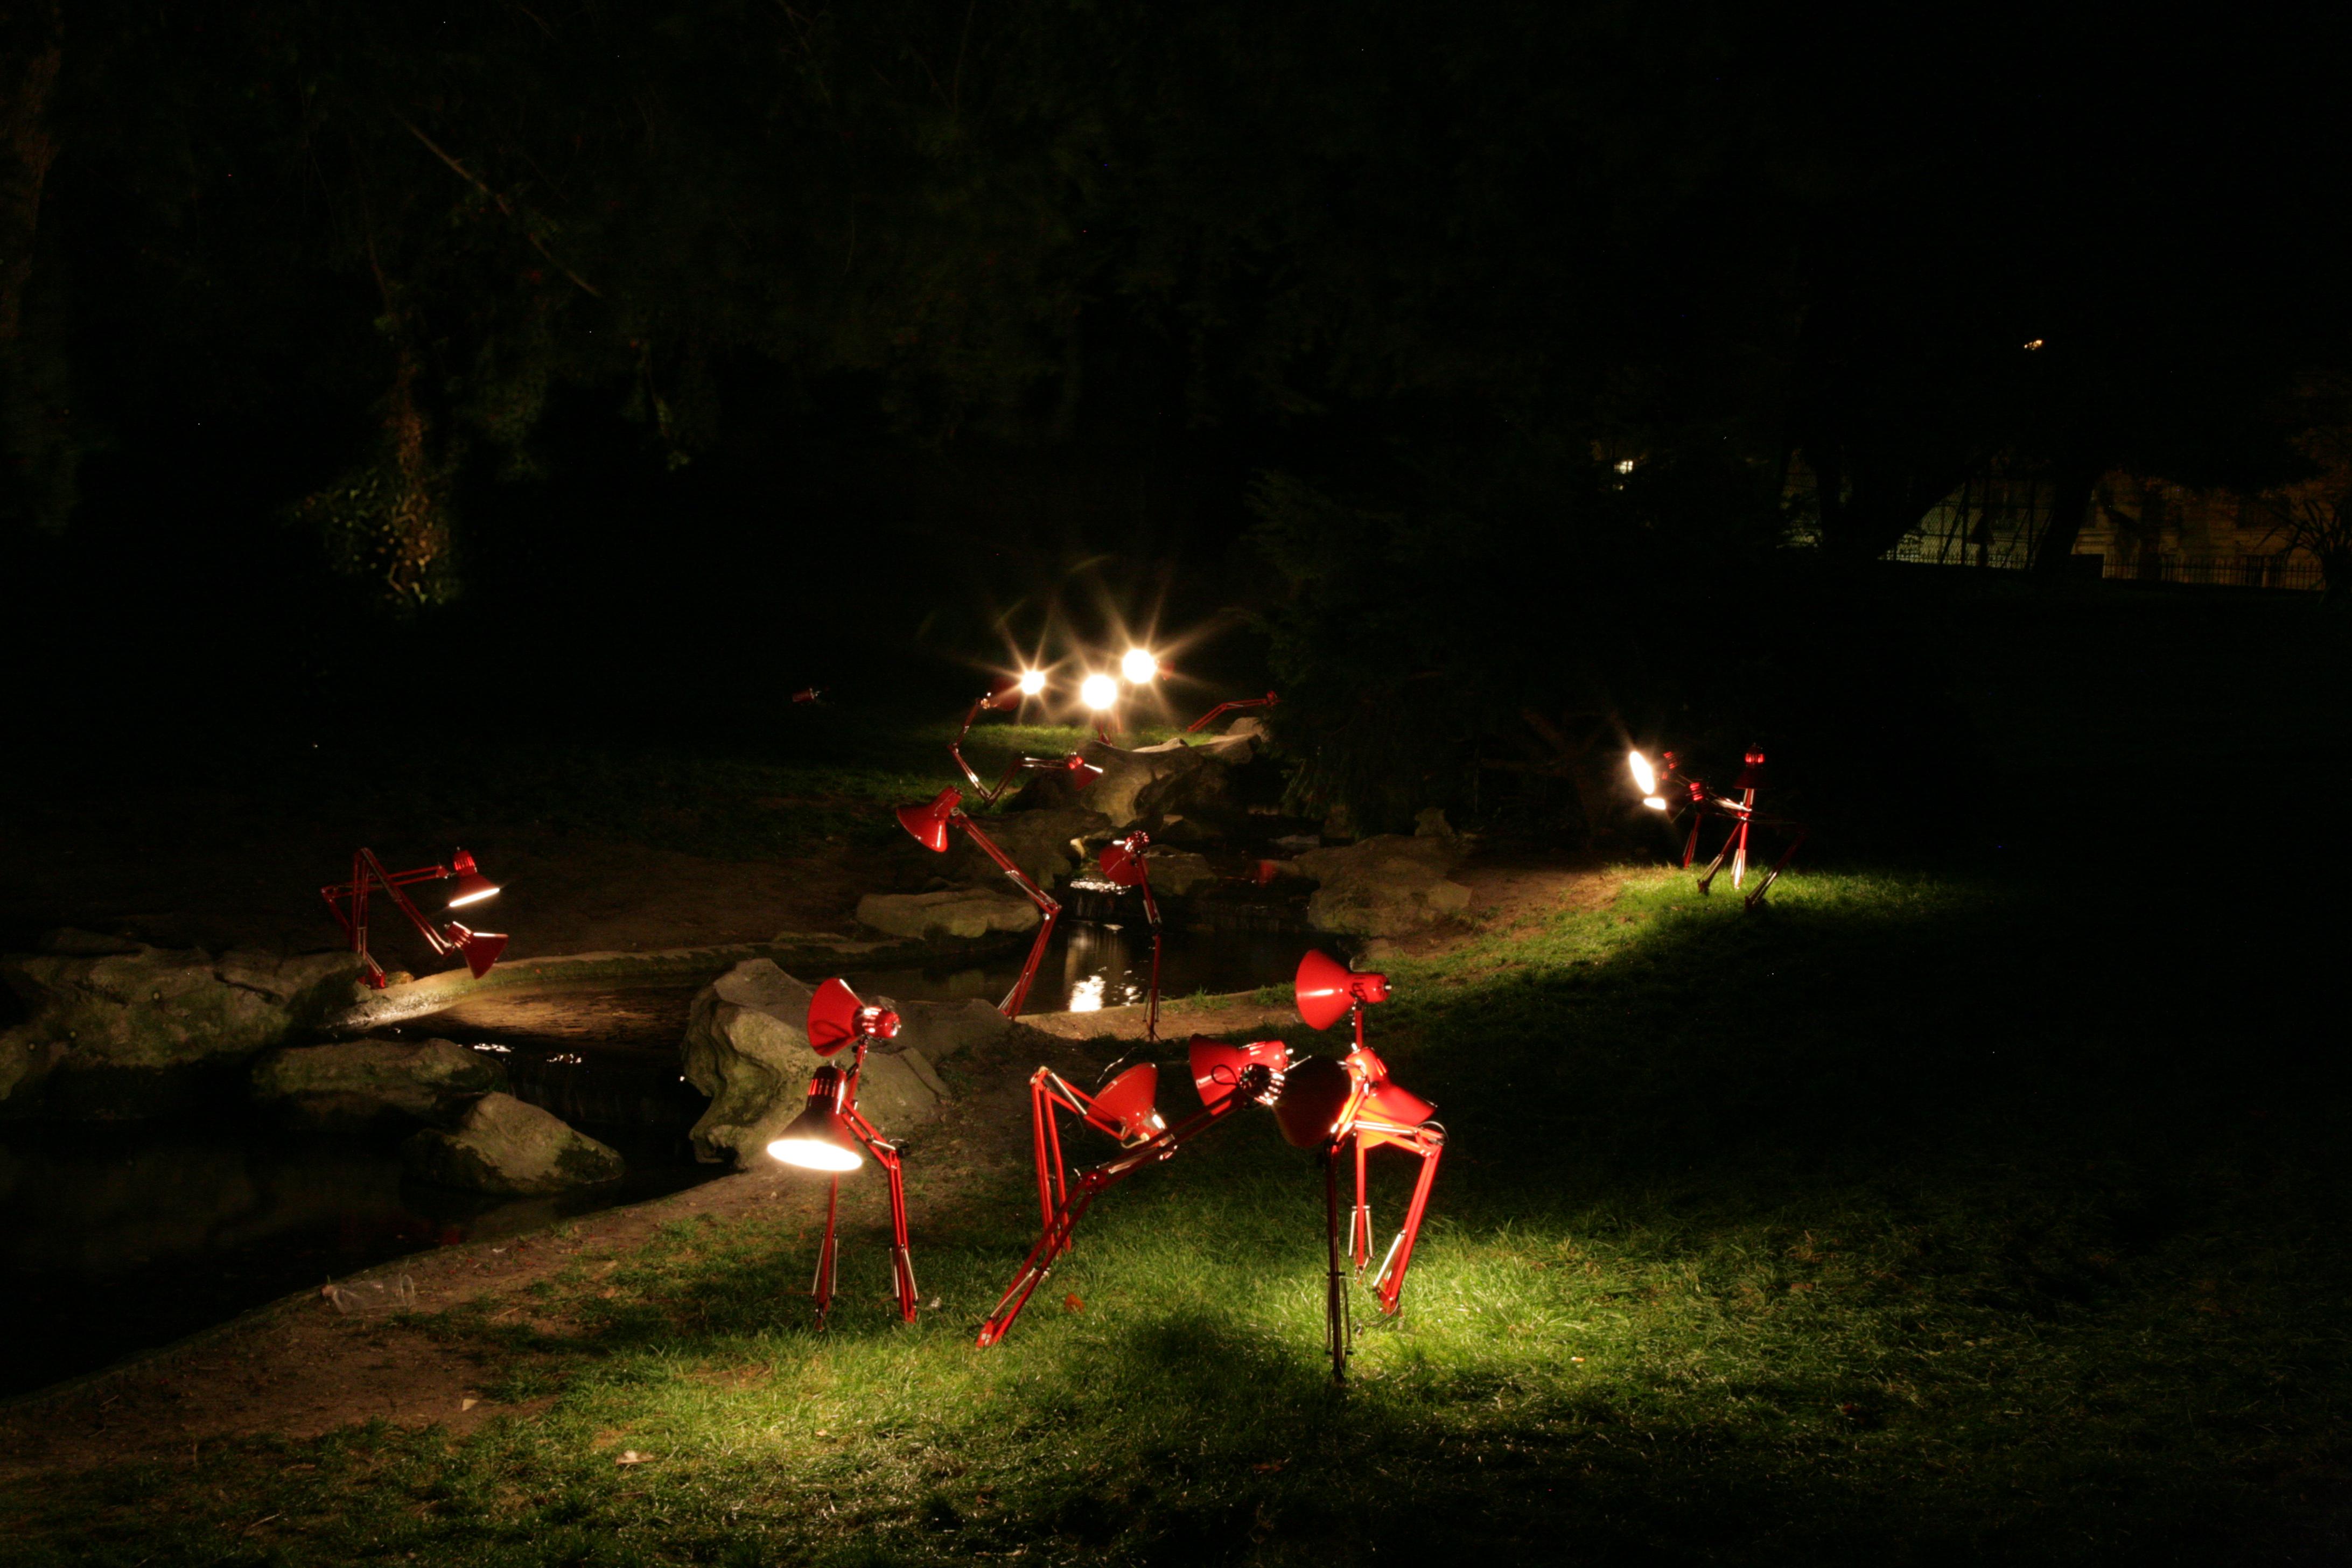 Images Gratuites : lumière, Paris, France, parc, obscurité, lampe ...